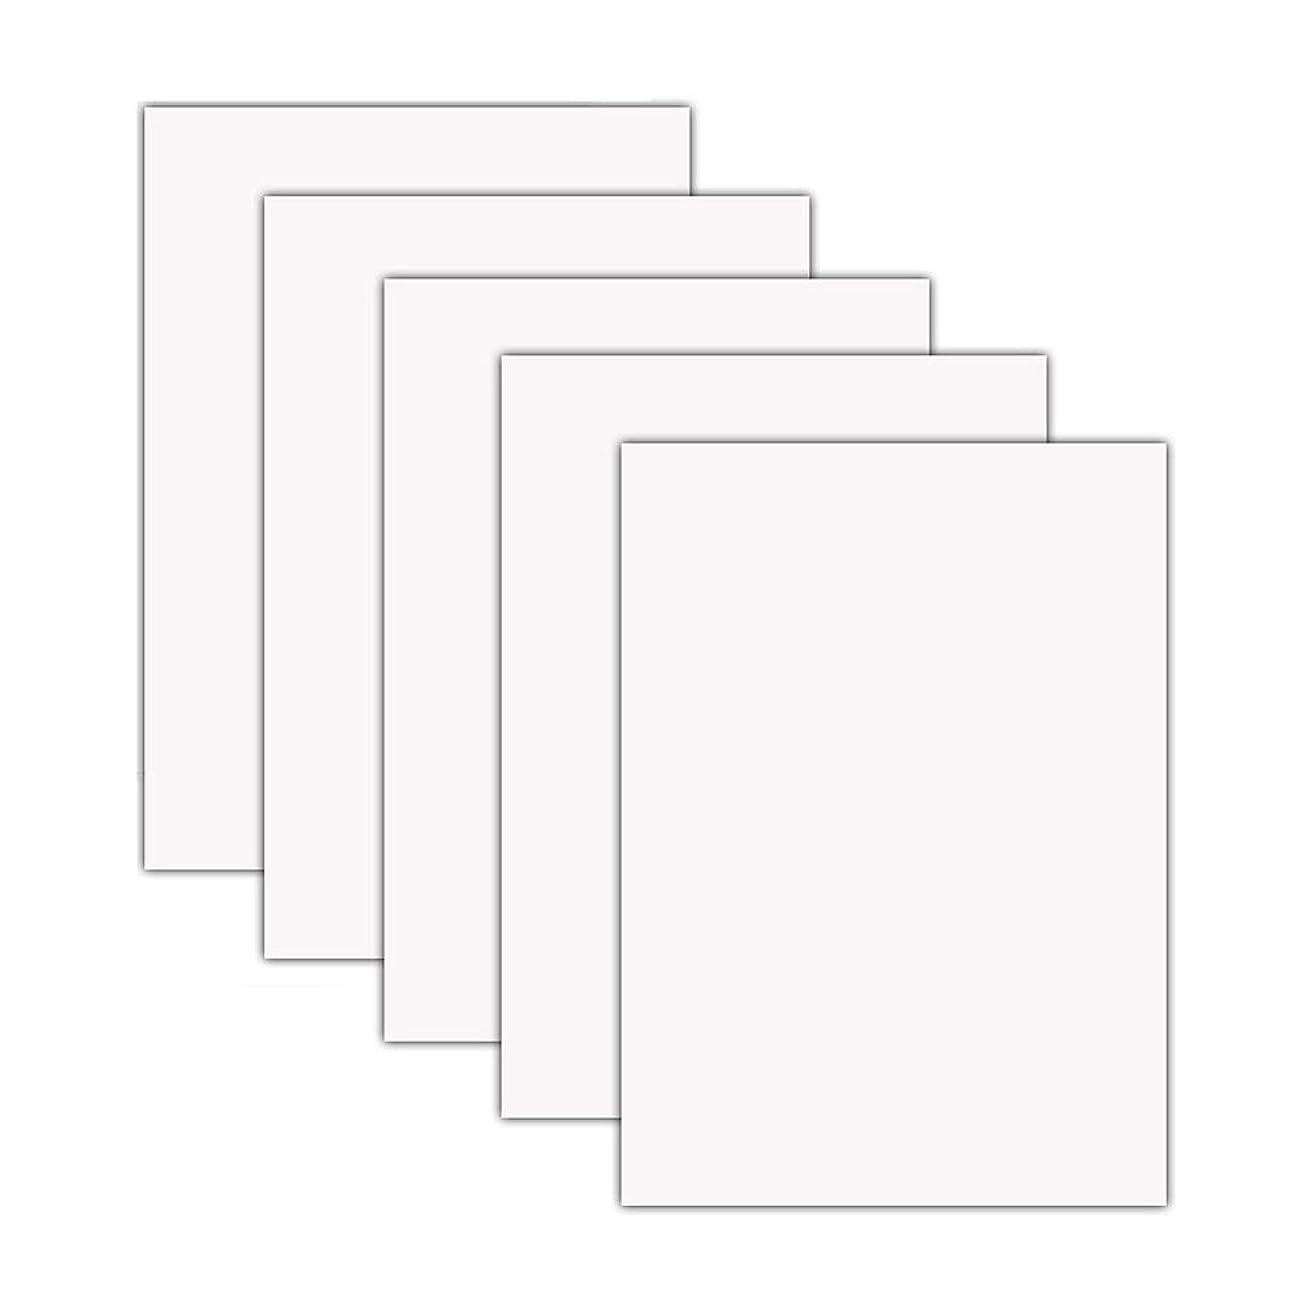 おっと普通に凶暴な5枚セット 熱転写シート 紙 アイロンプリントシート ラバーシート Tシャツや他の衣類などに使う 38cm×30cm (ホワイト(白))